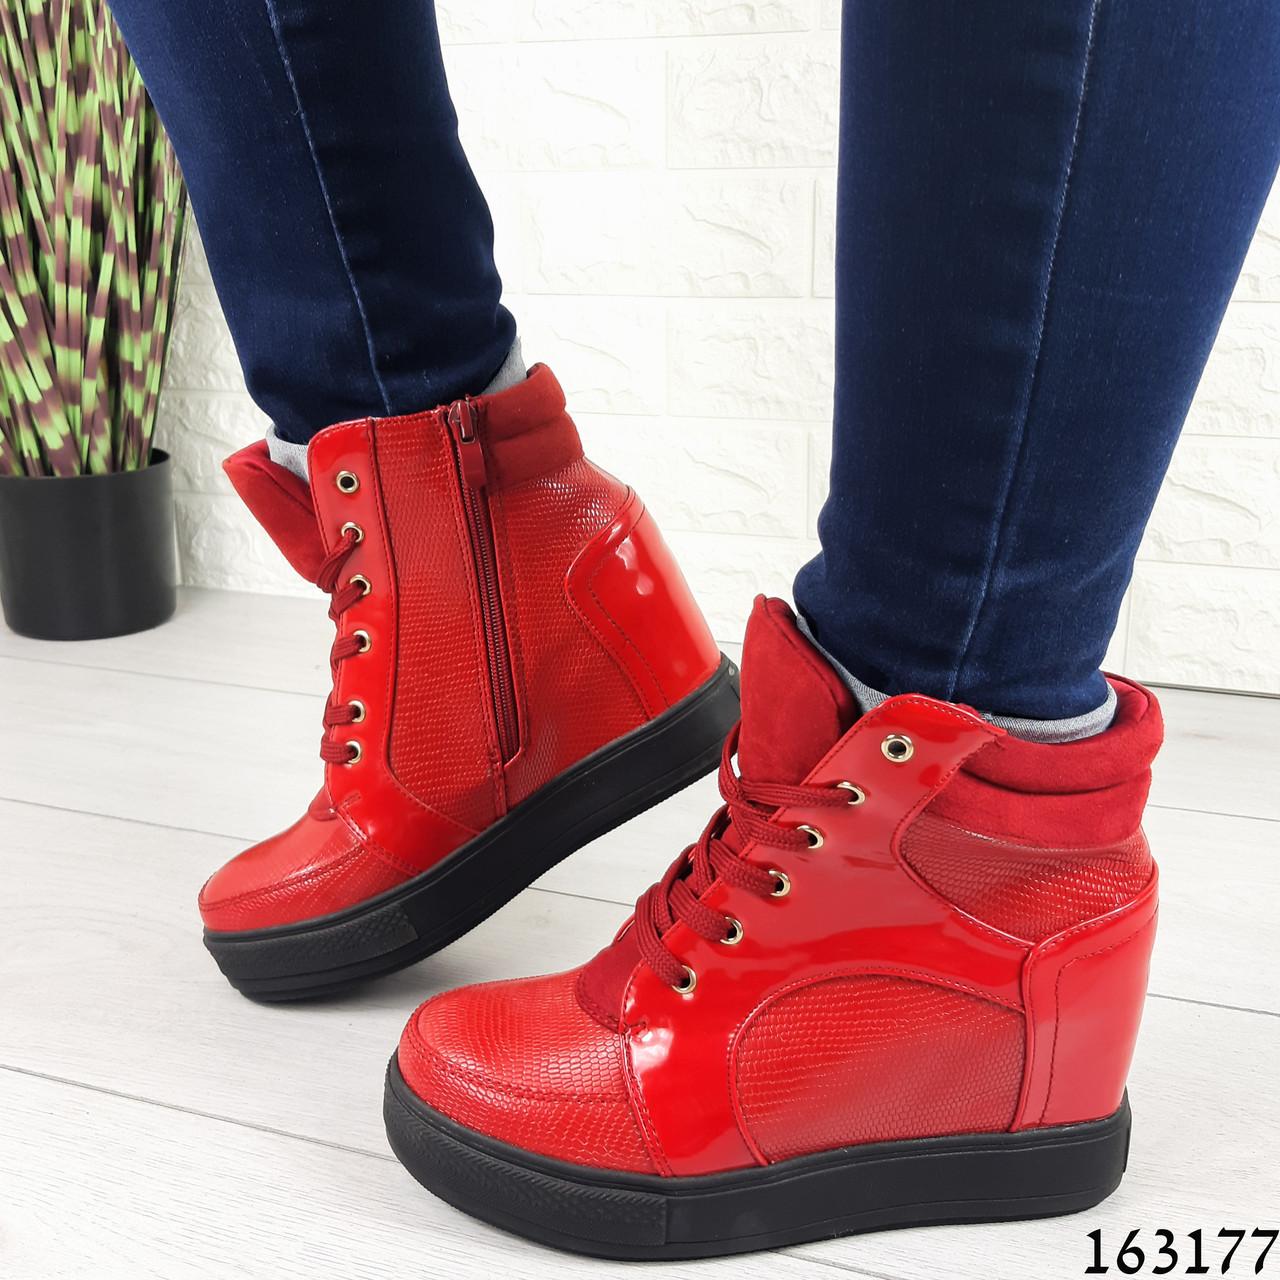 Женские ботинки демисезонные красные на танкетке из эко кожи. Внутри текстильная подкладка